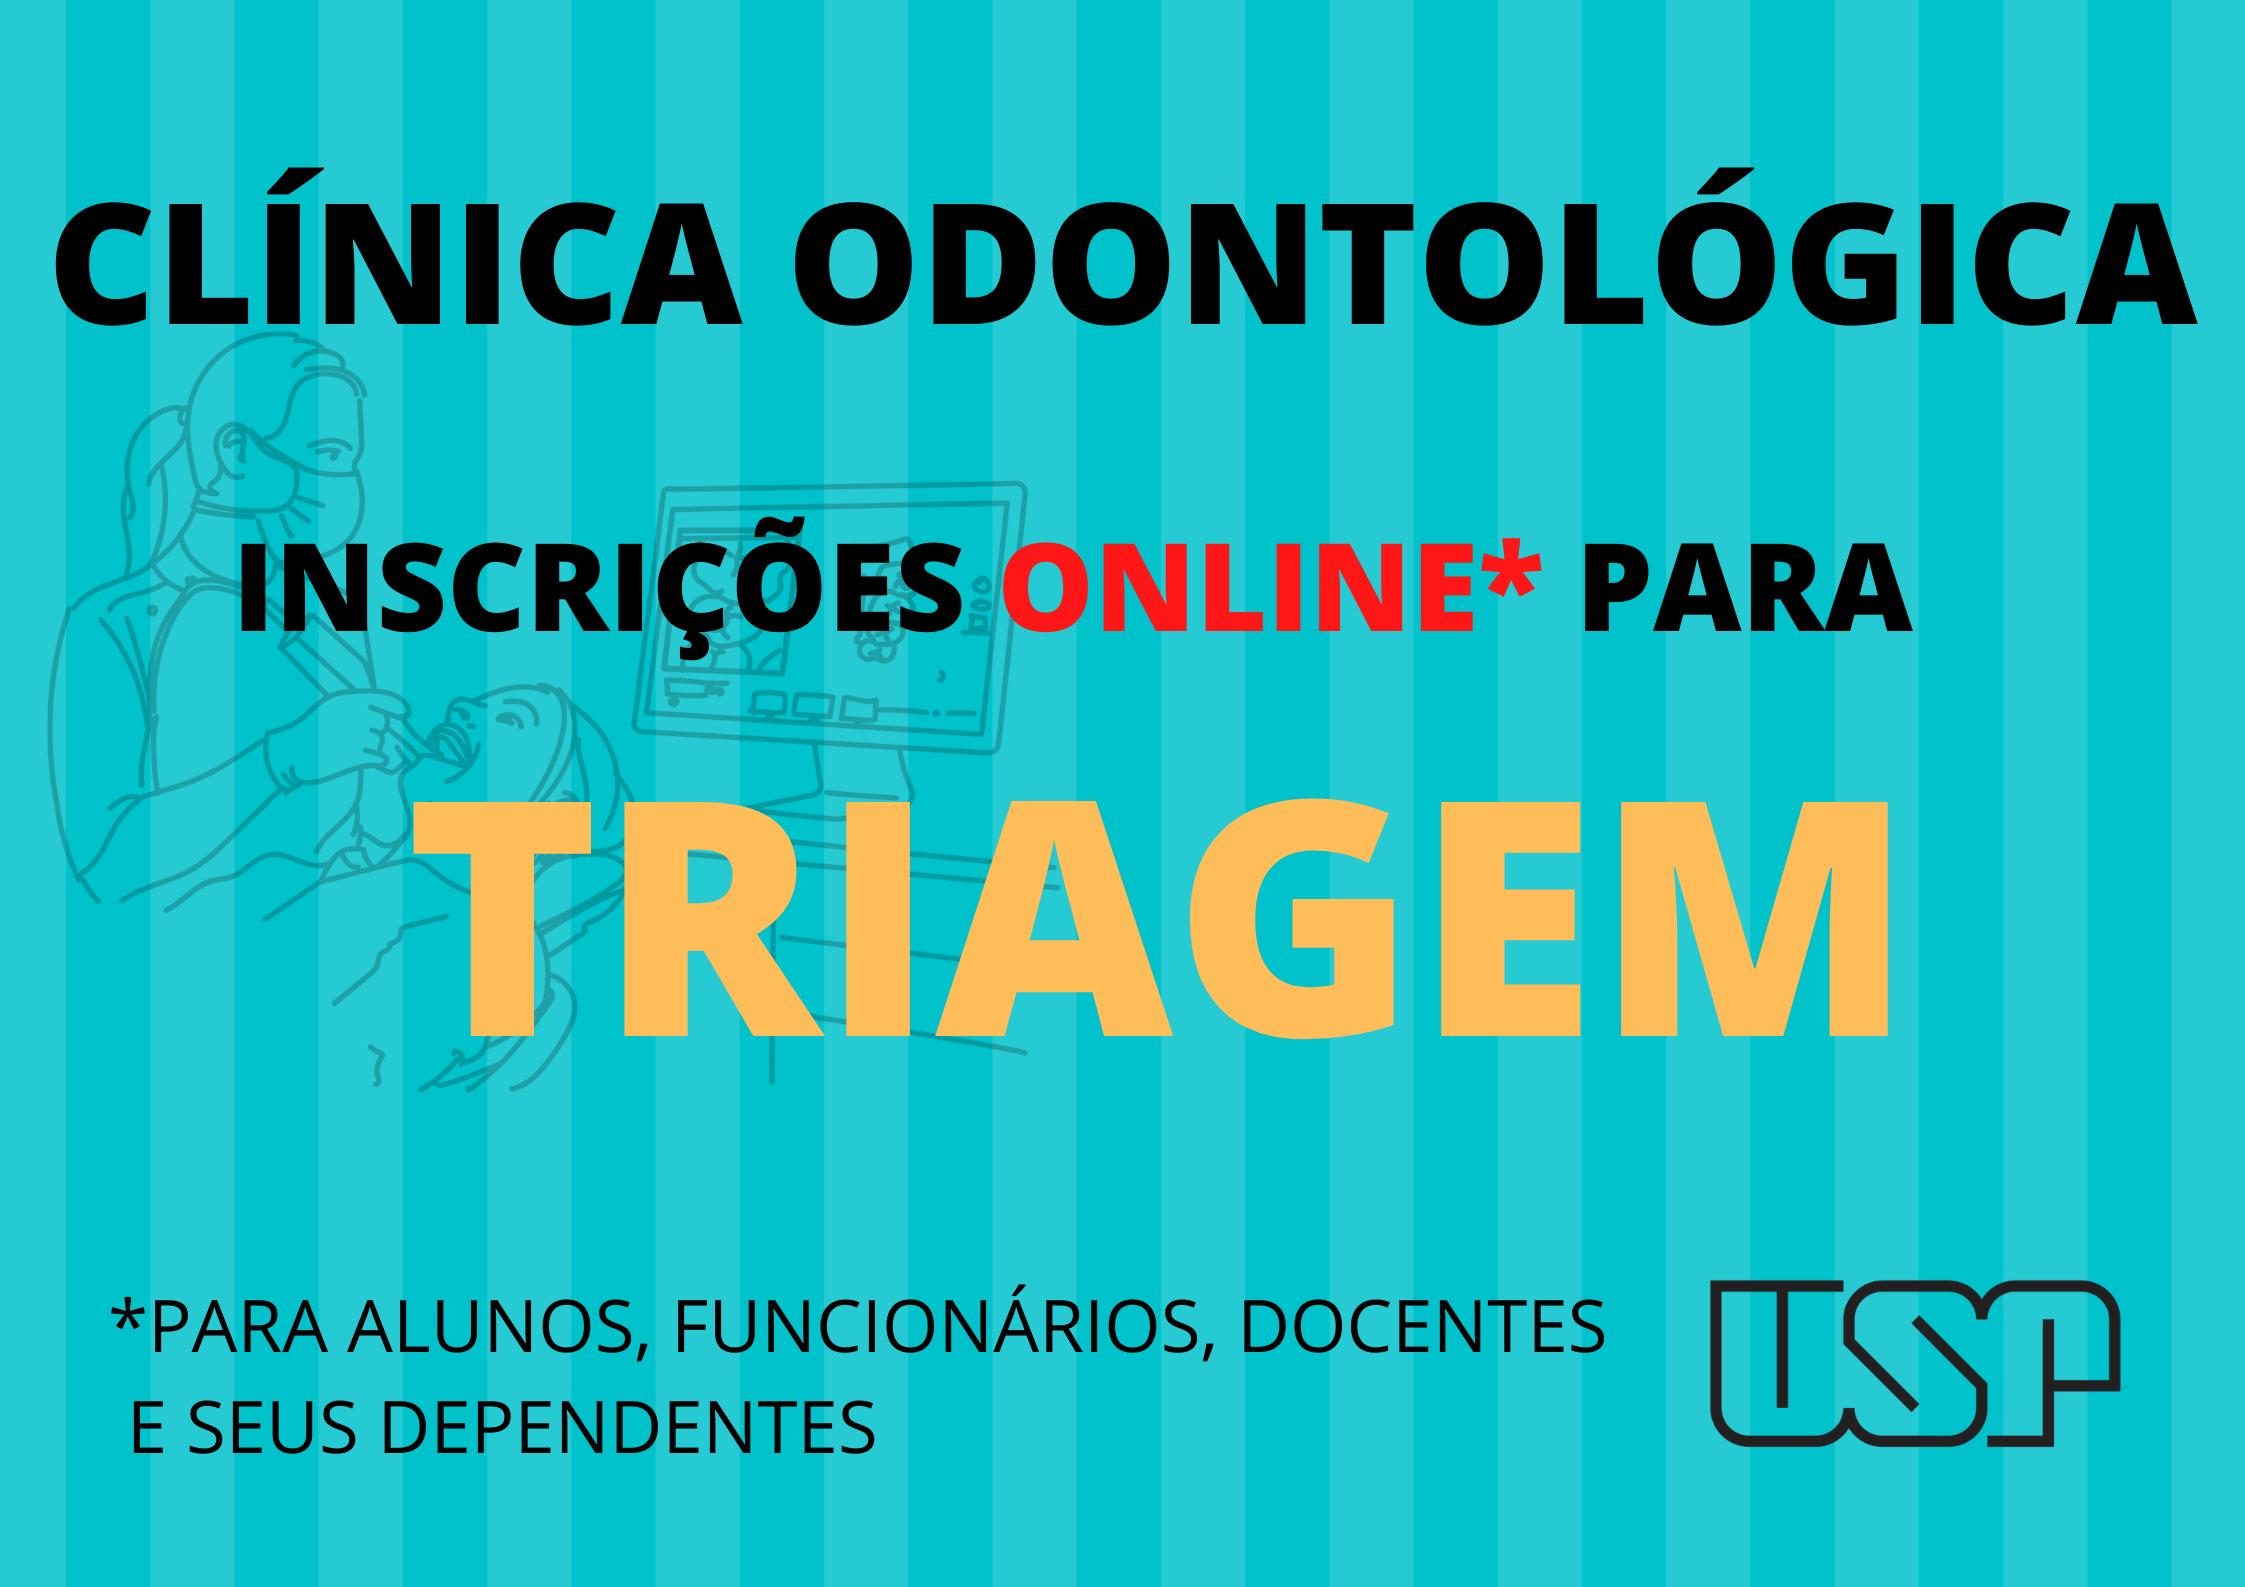 TRIAGEM (1)